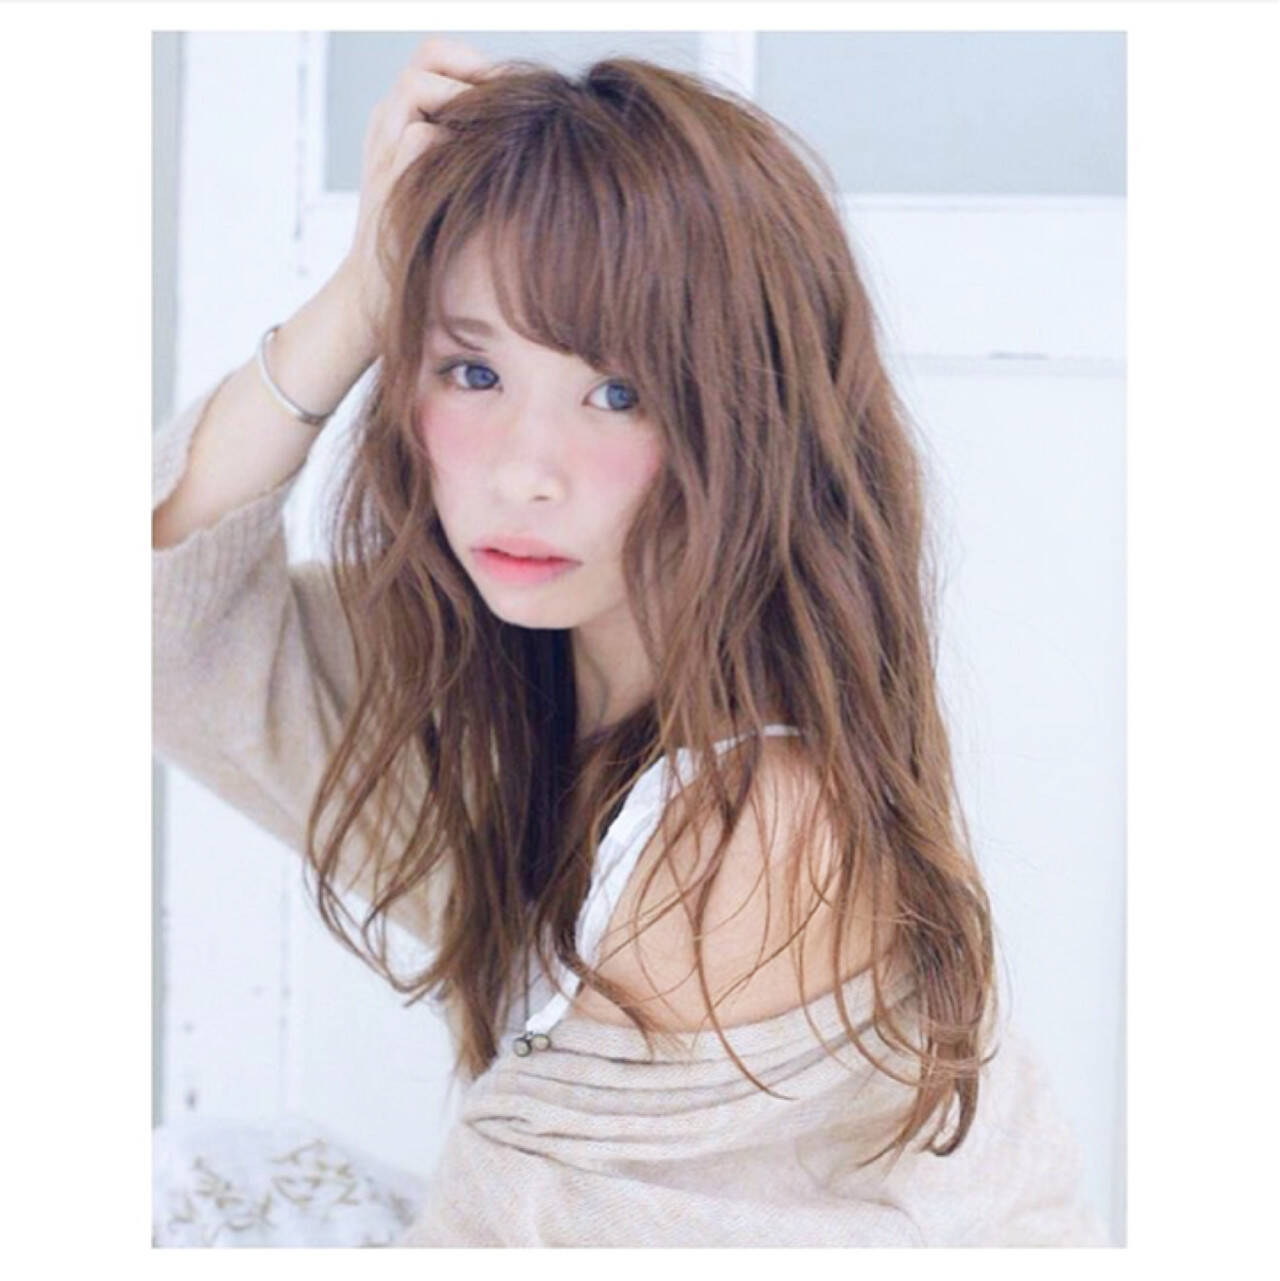 ニュアンス フェミニン ガーリー 大人女子ヘアスタイルや髪型の写真・画像